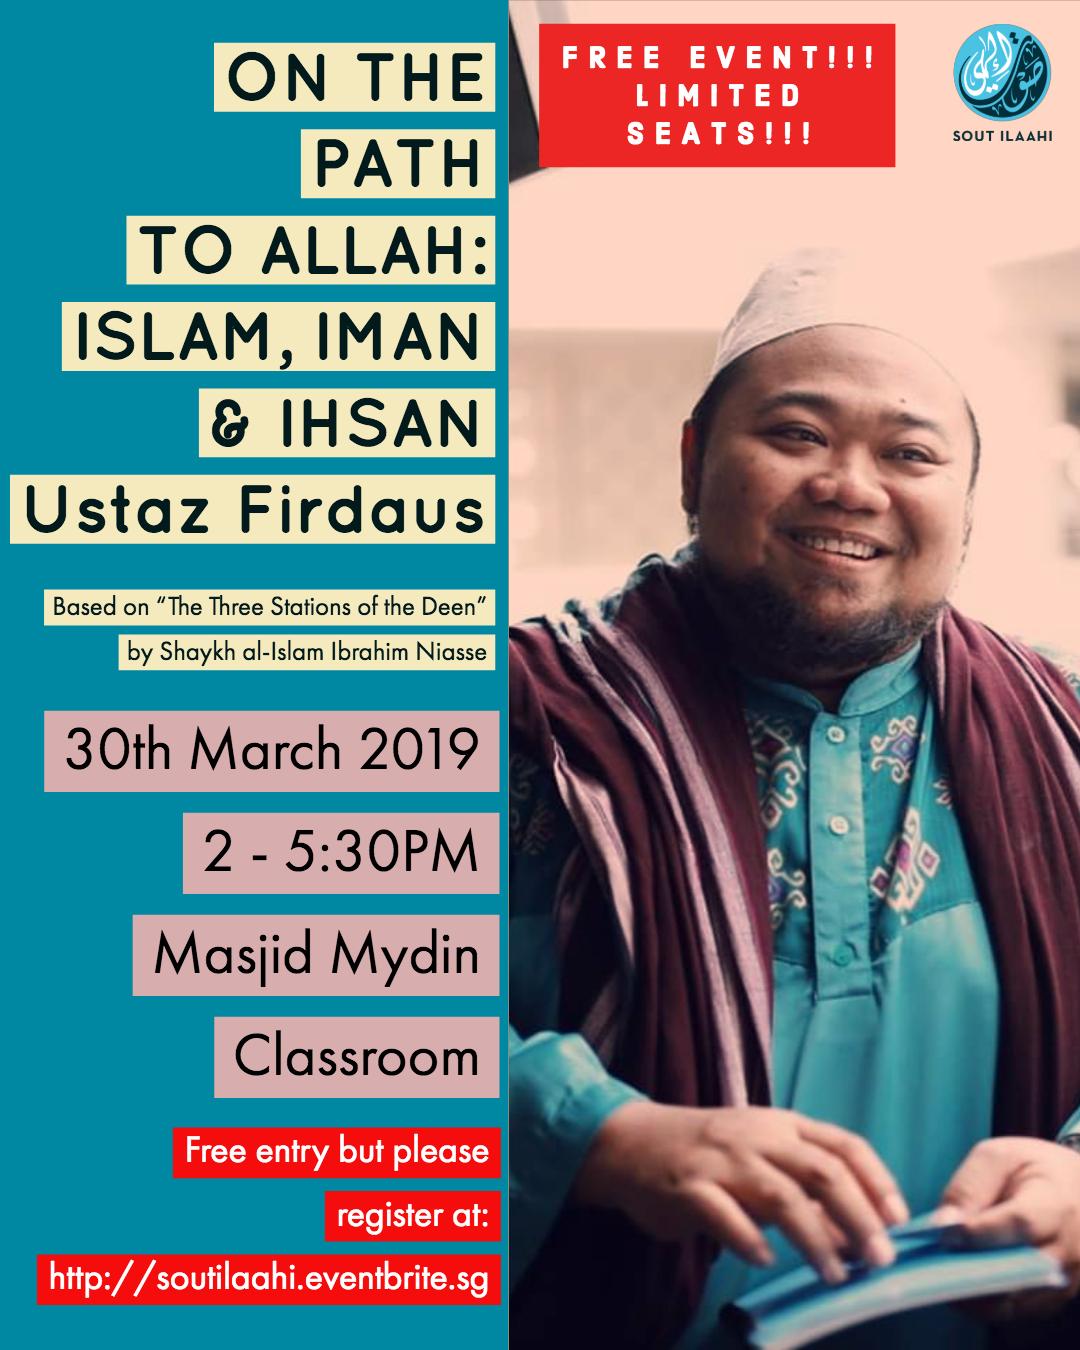 On the path to Allah: Islam, Iman, Ihsan - 30 MAR 2019